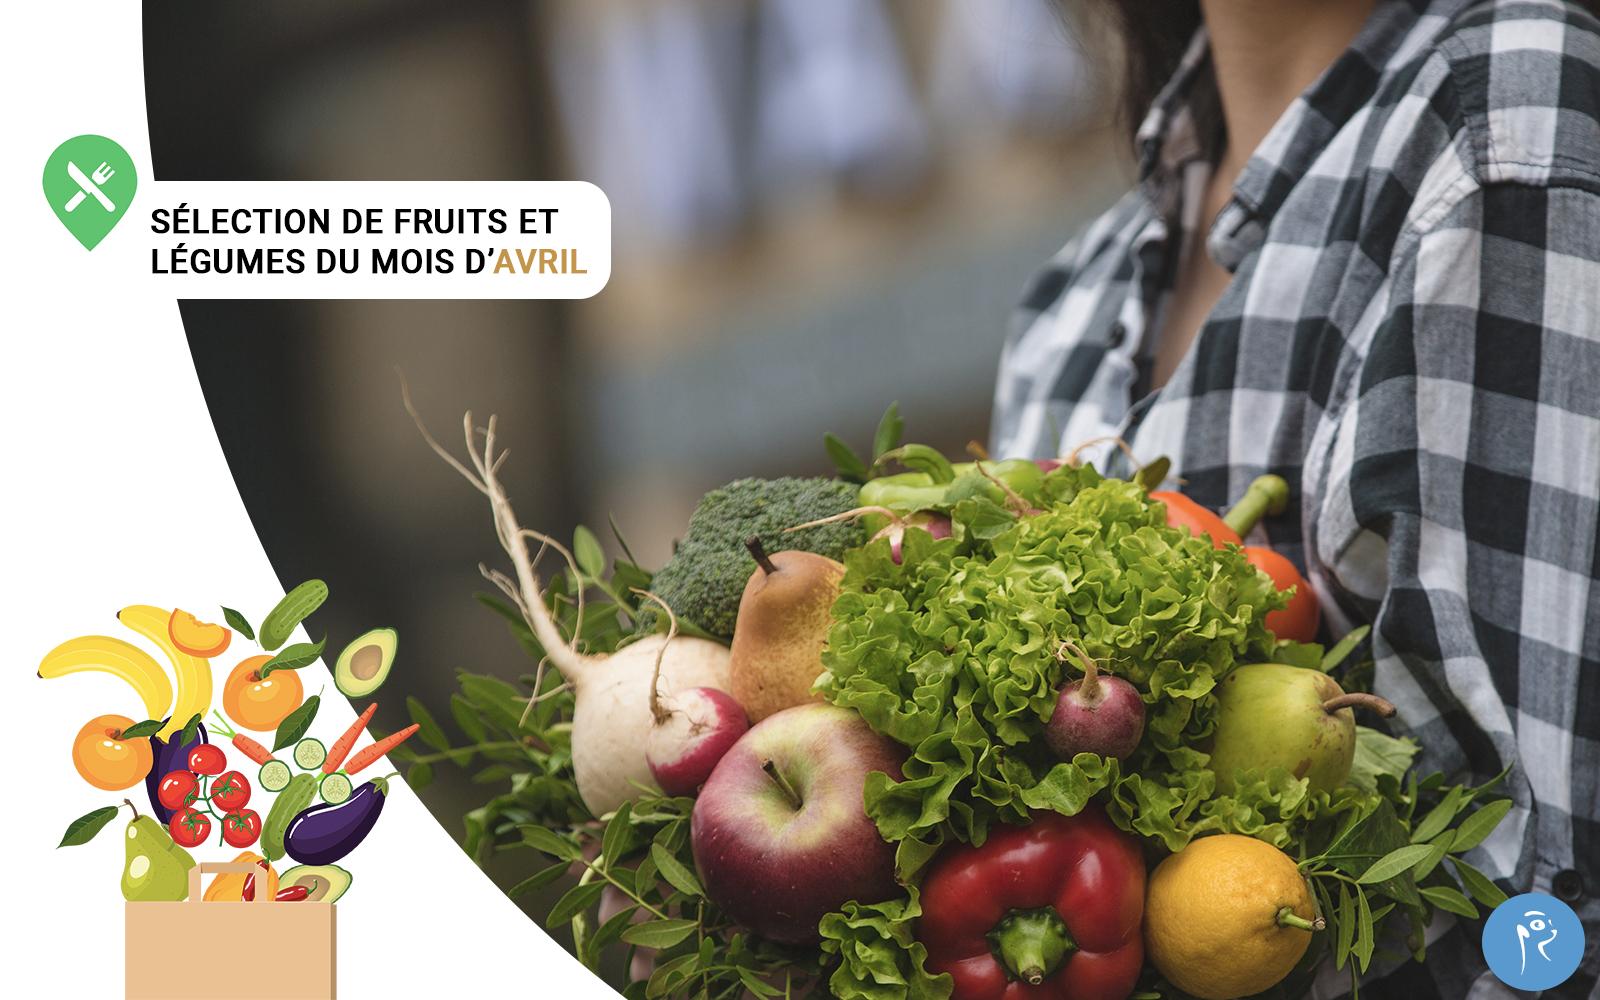 Notre sélection de fruits et légumes du mois d'Avril